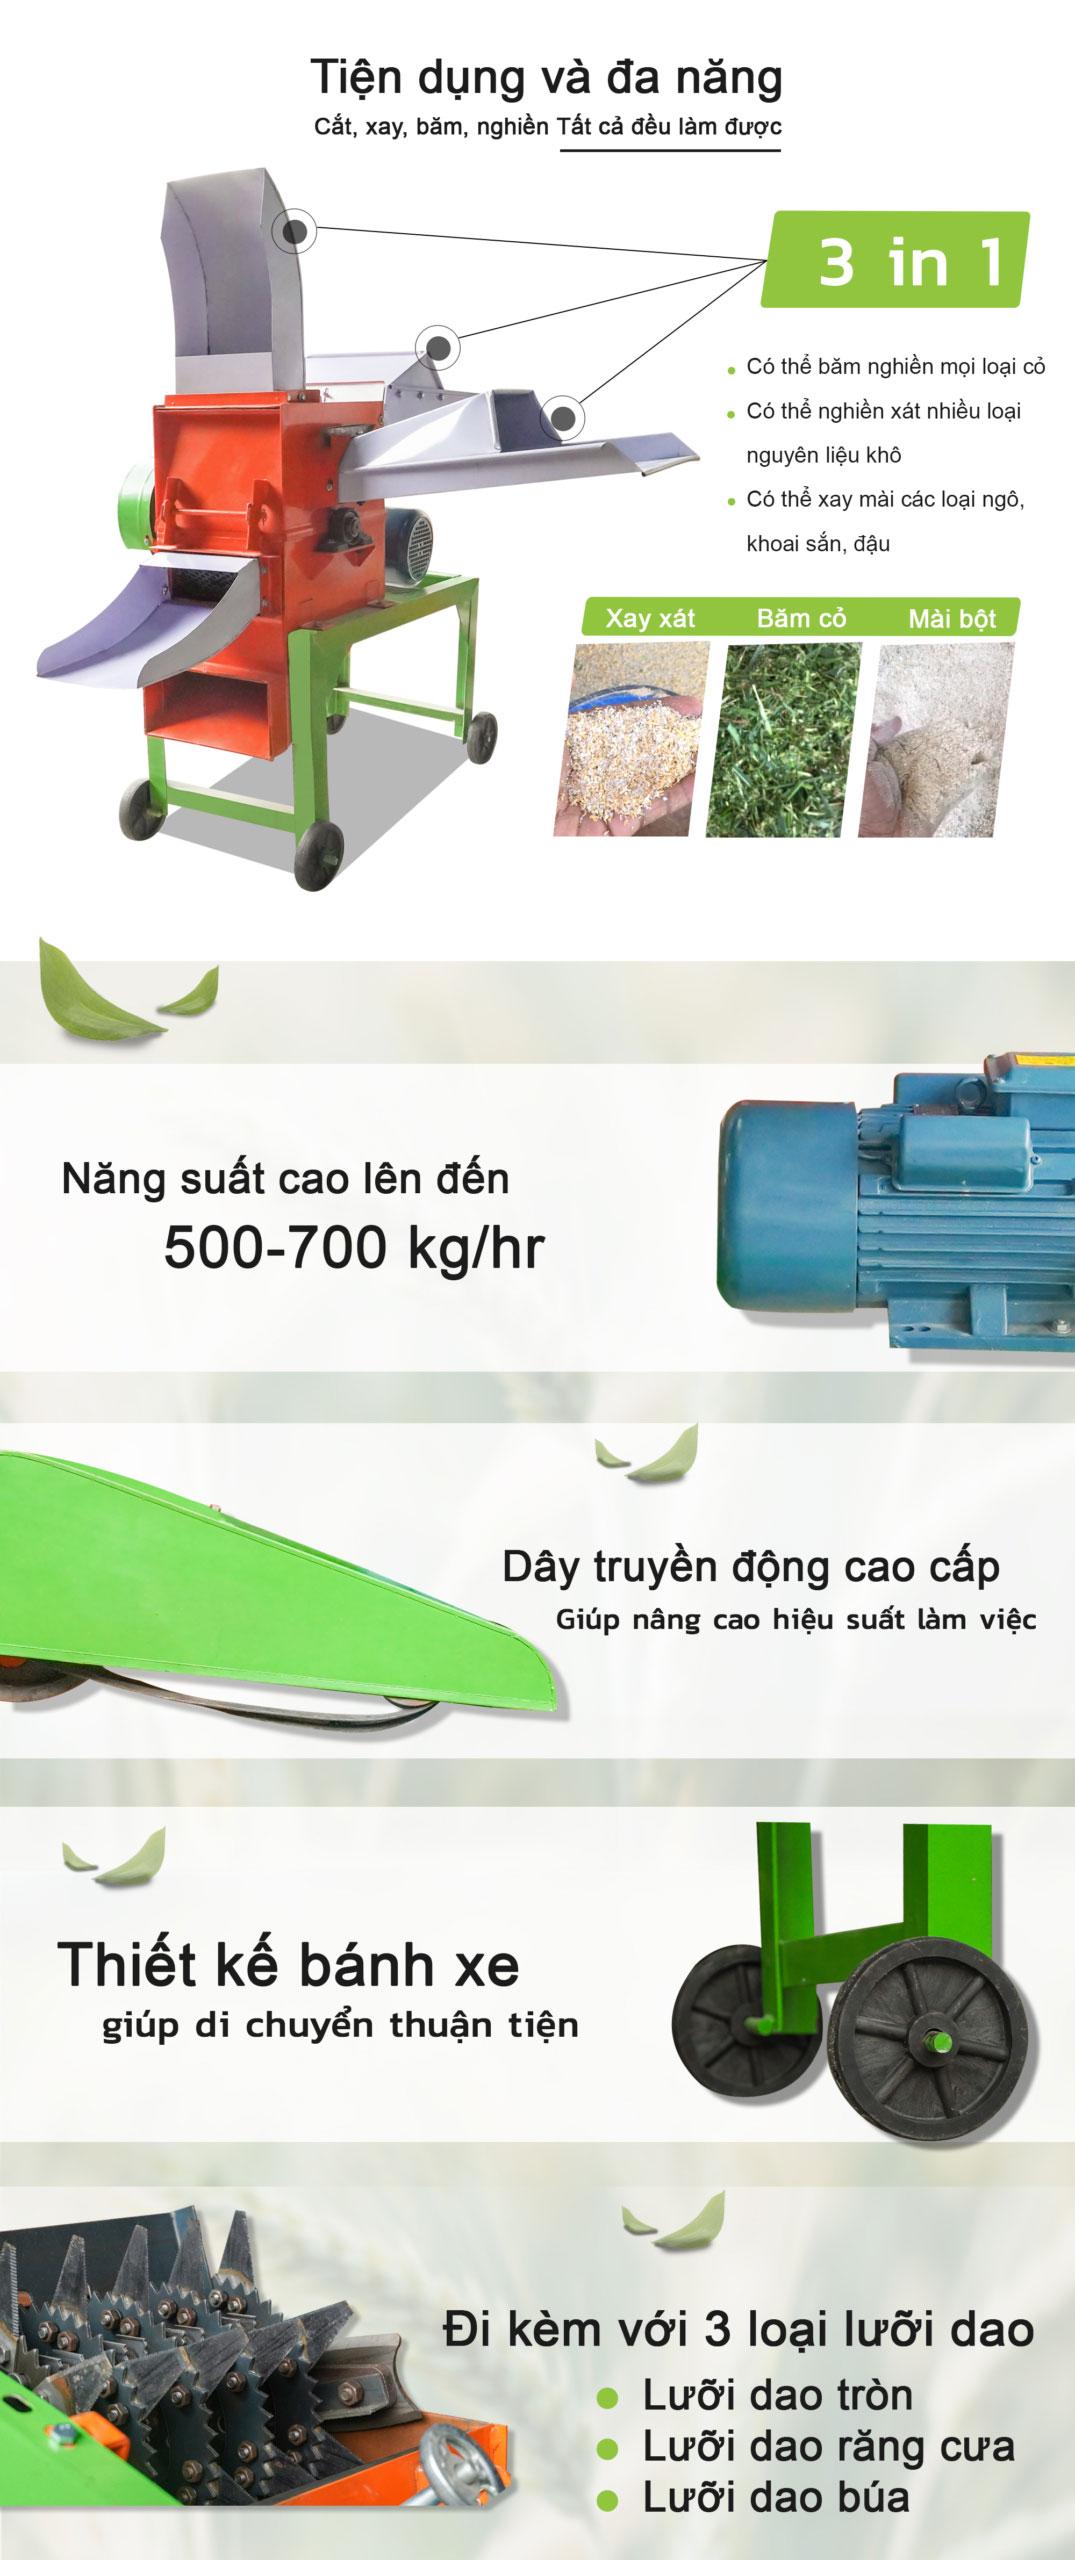 Máy nghiền cỏ đa năng CC01-3in1VN